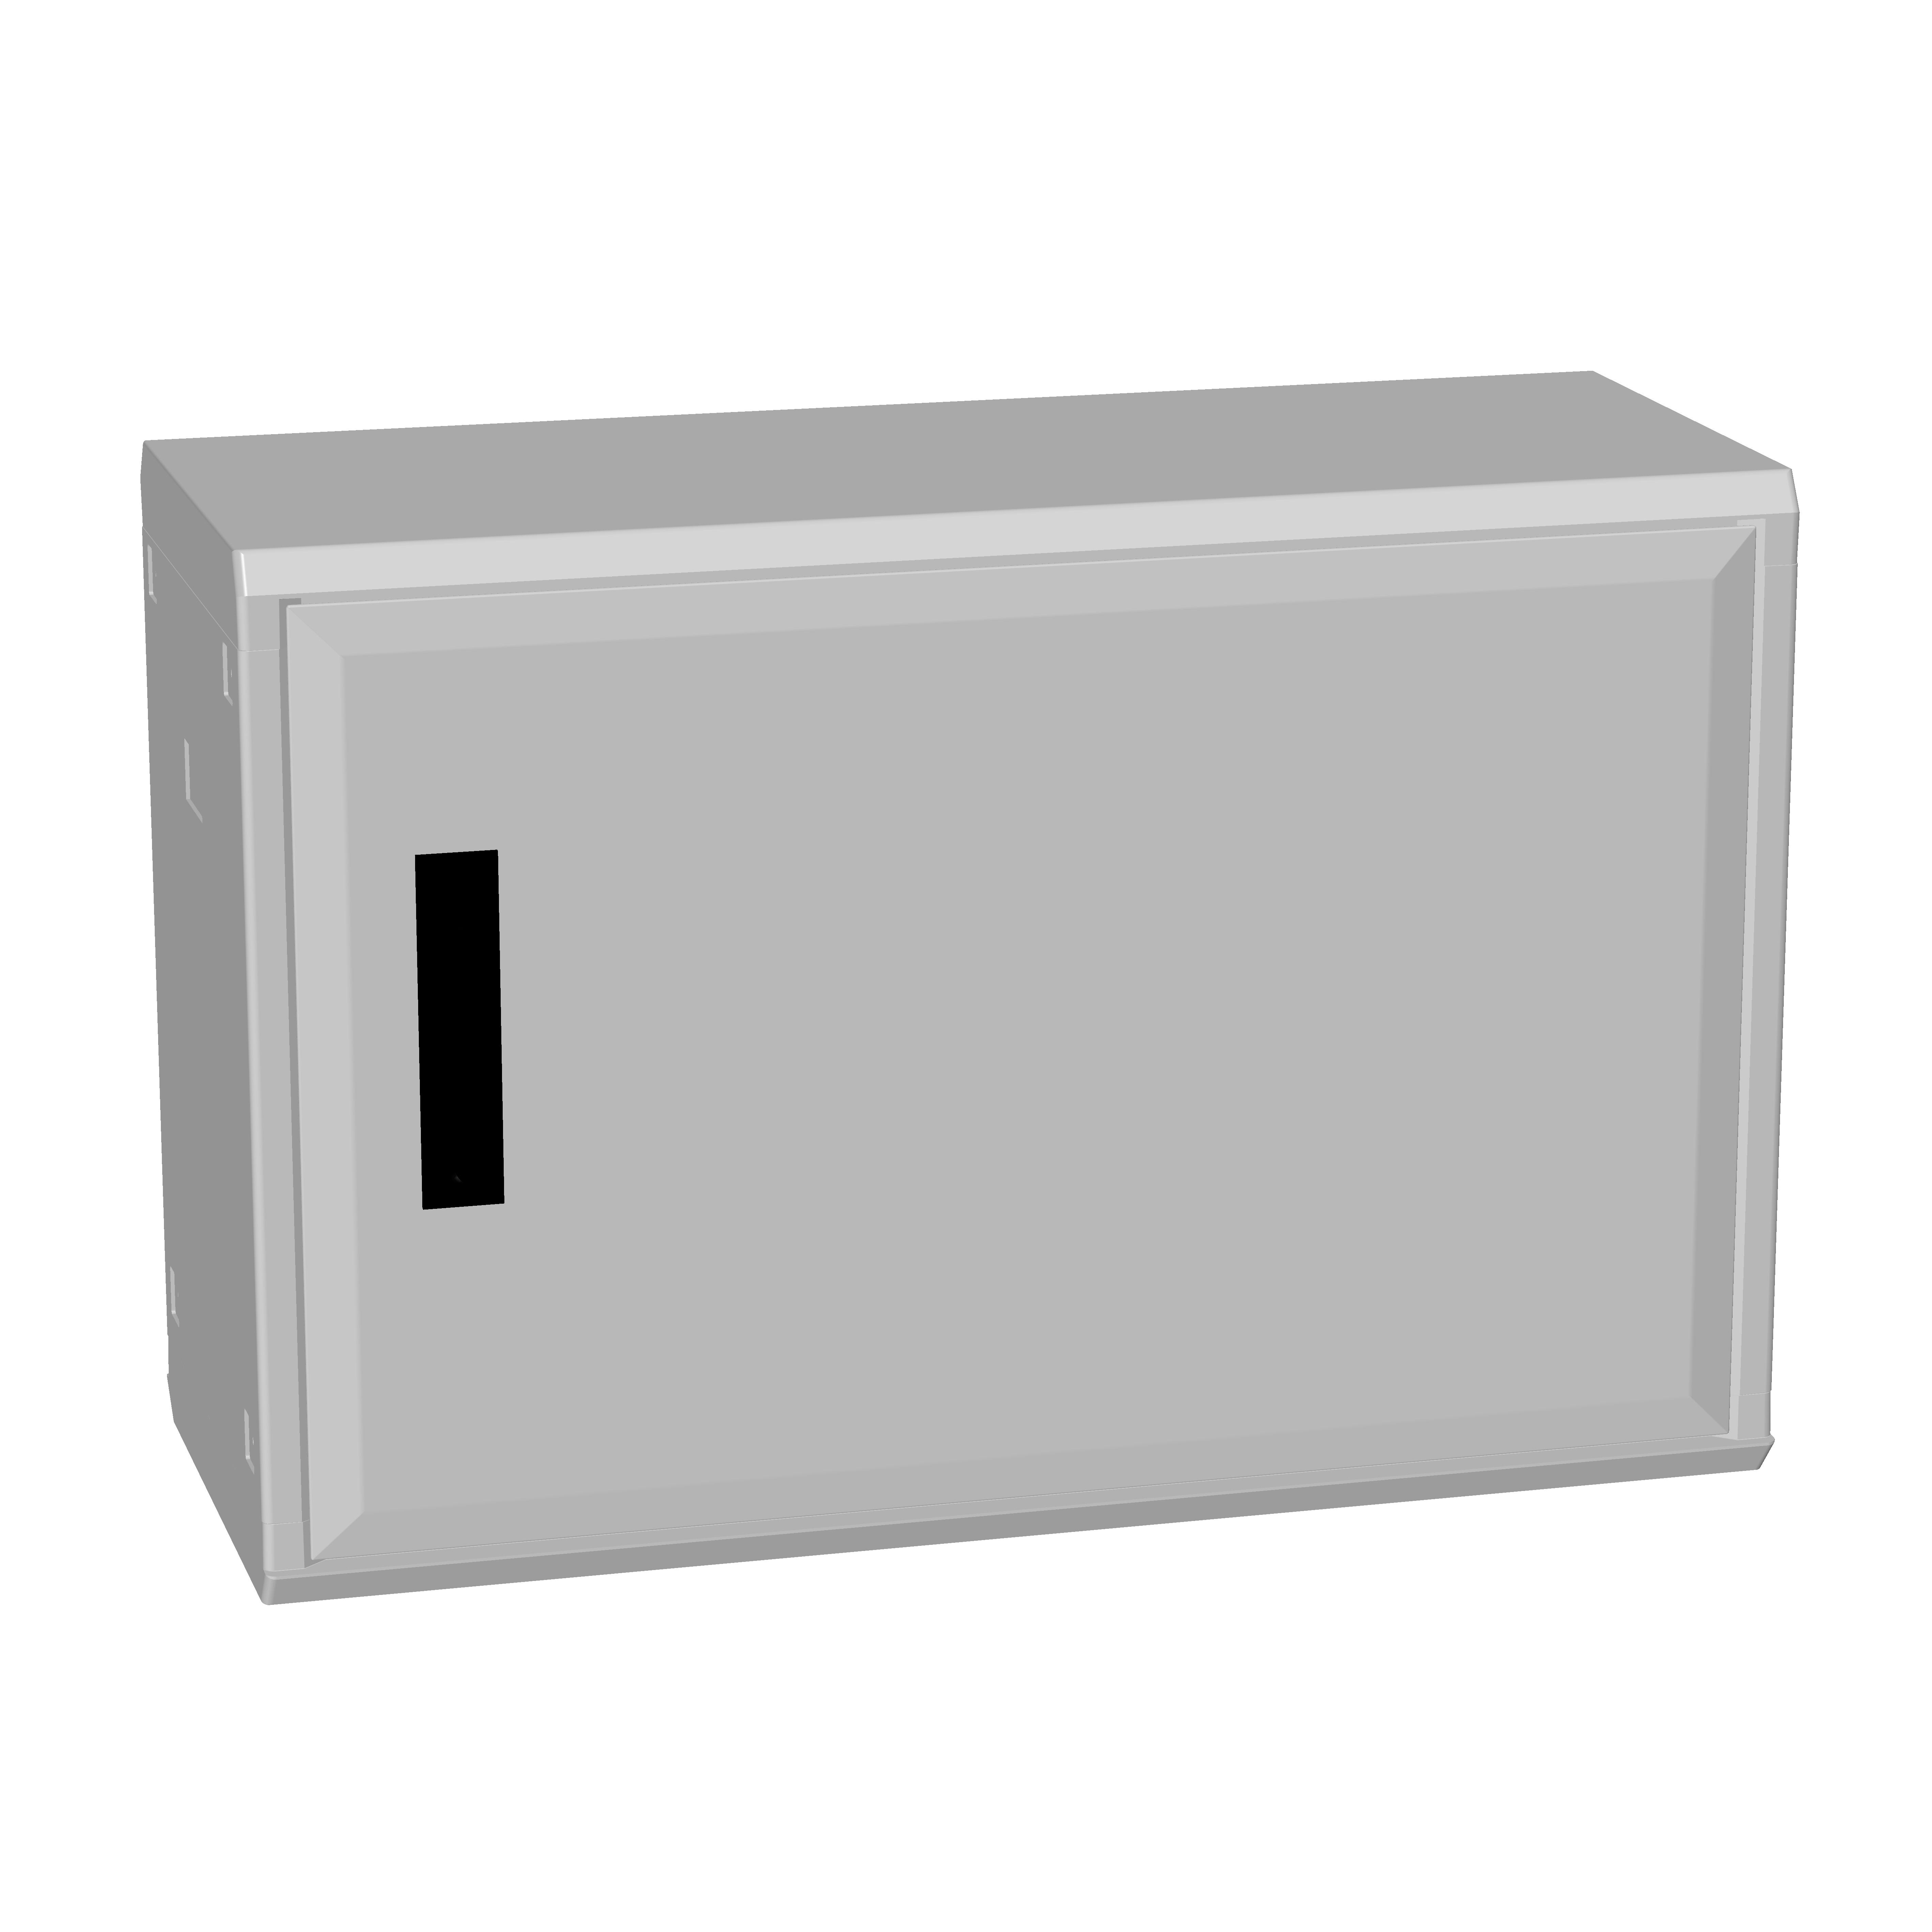 1 Stk Polyesterschrank, Boden offen, eintürig, 500x750x312 POCA2330--